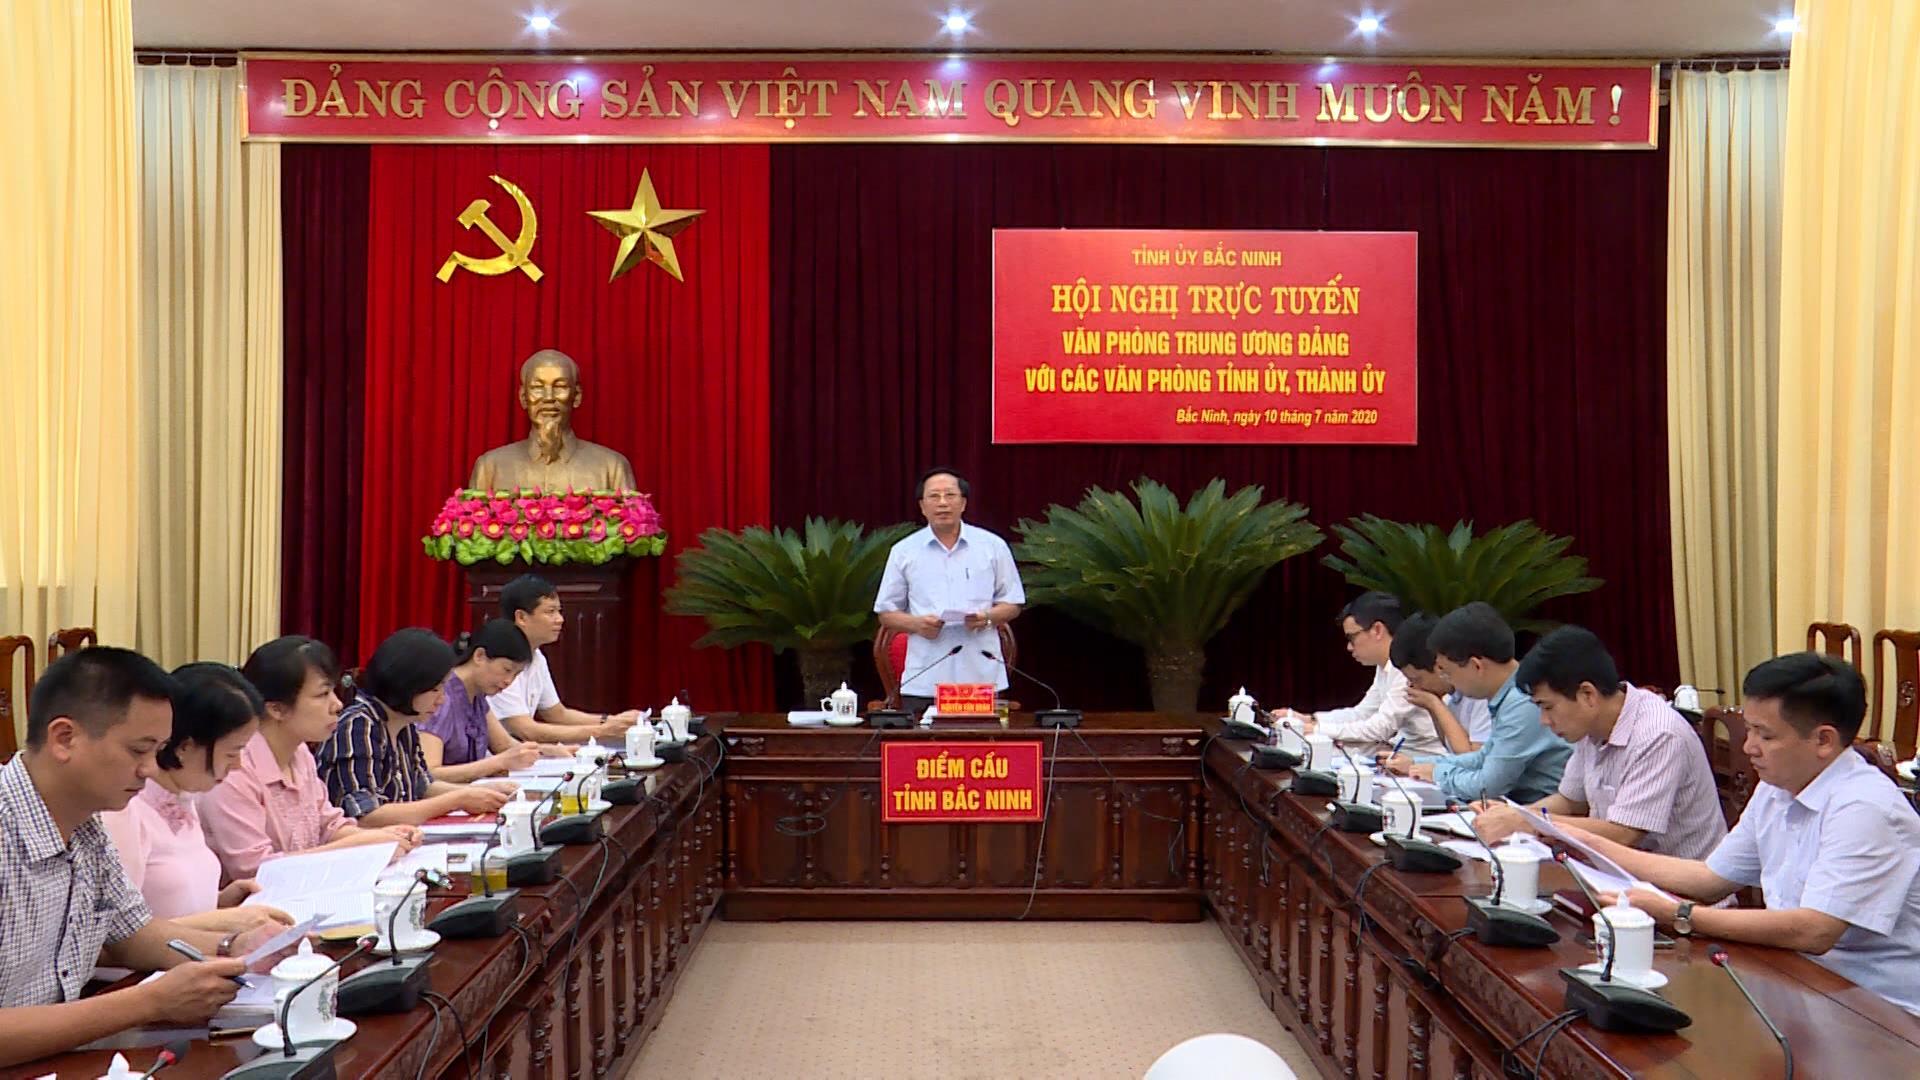 Hội nghị giao ban trực tuyến đánh giá kết quả tham mưu thực hiện Chỉ thị số 35 của Bộ Chính trị